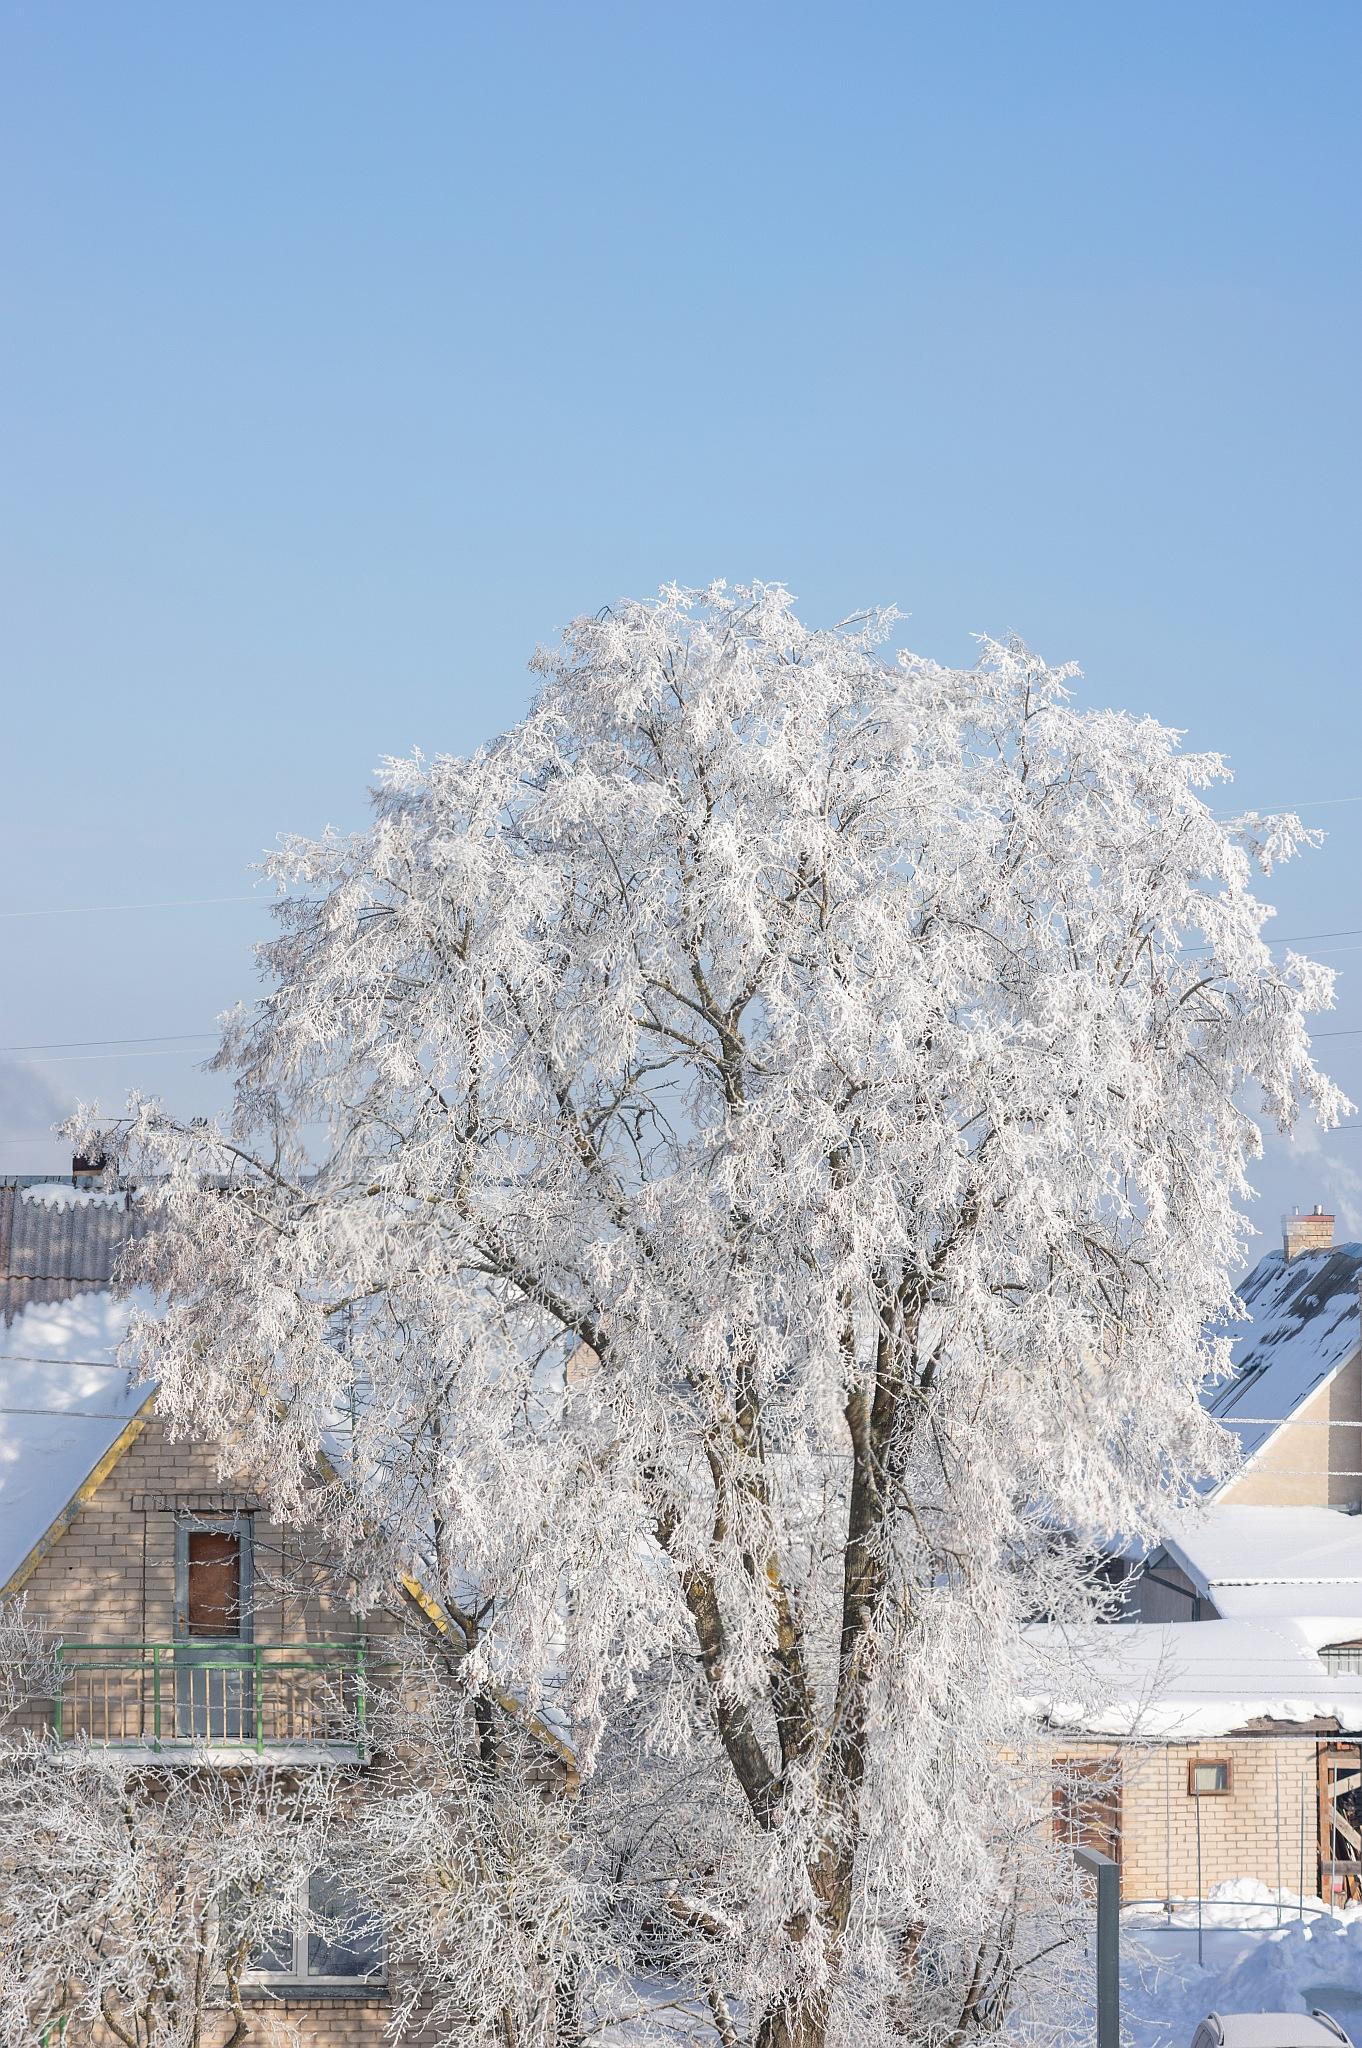 Medis žiemą - Vilmantas Ramonas